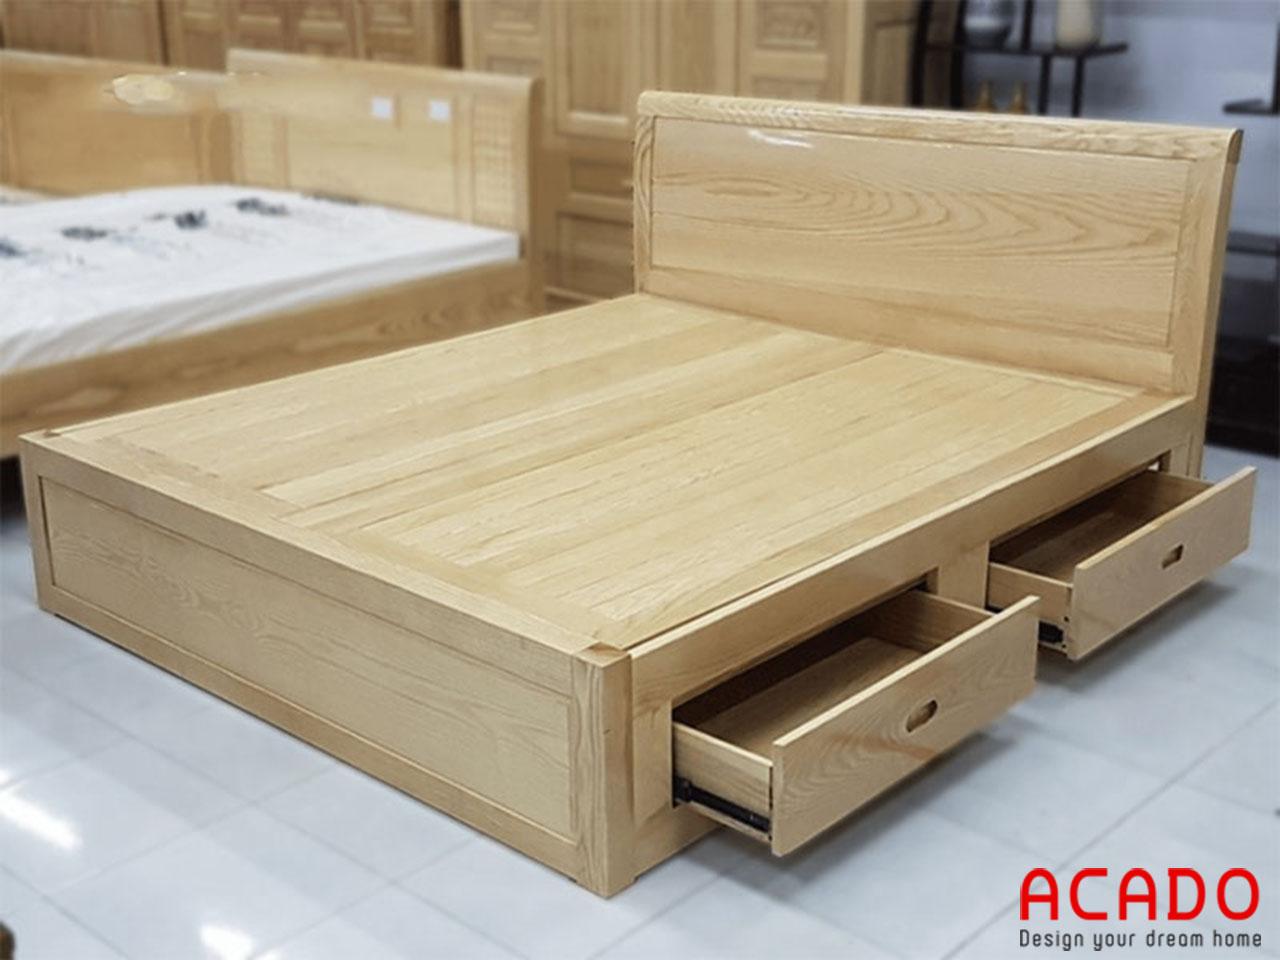 Giường ngủ gỗ sồi Nga thiết kế có thêm ngăn kéo tiện lợi